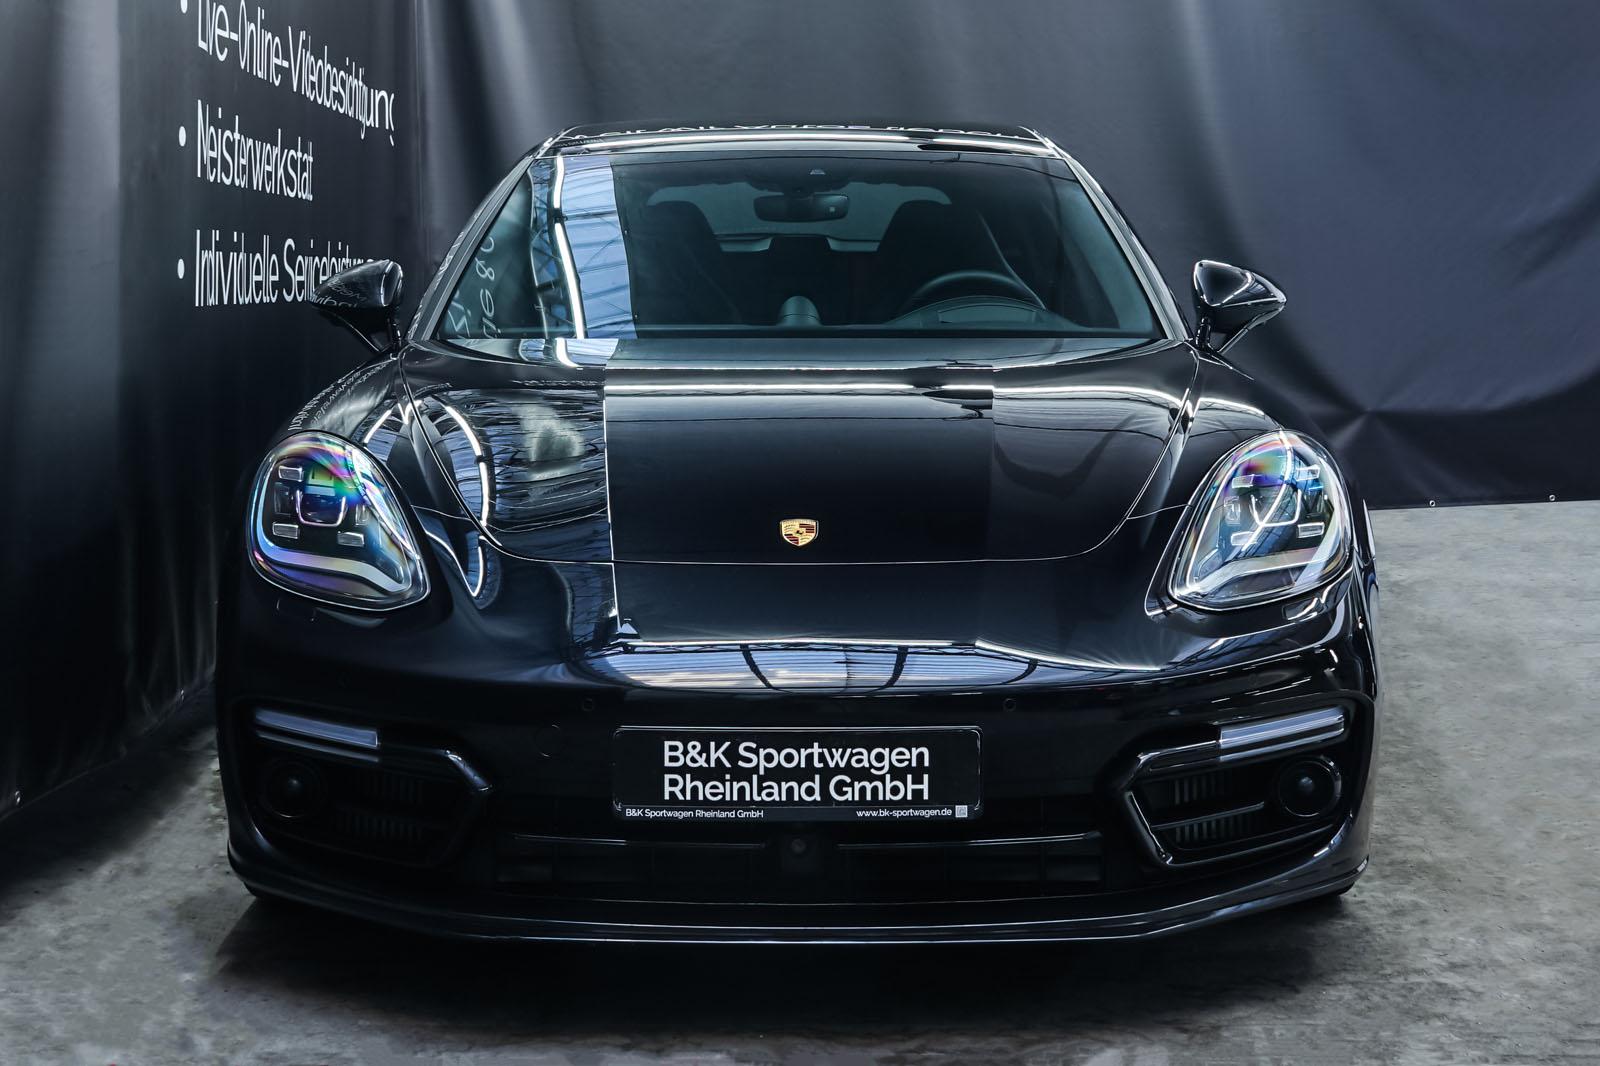 Porsche_Panamera_SportTurismo_Turbo_Schwarz_Schwarz_POR-5145_1_w